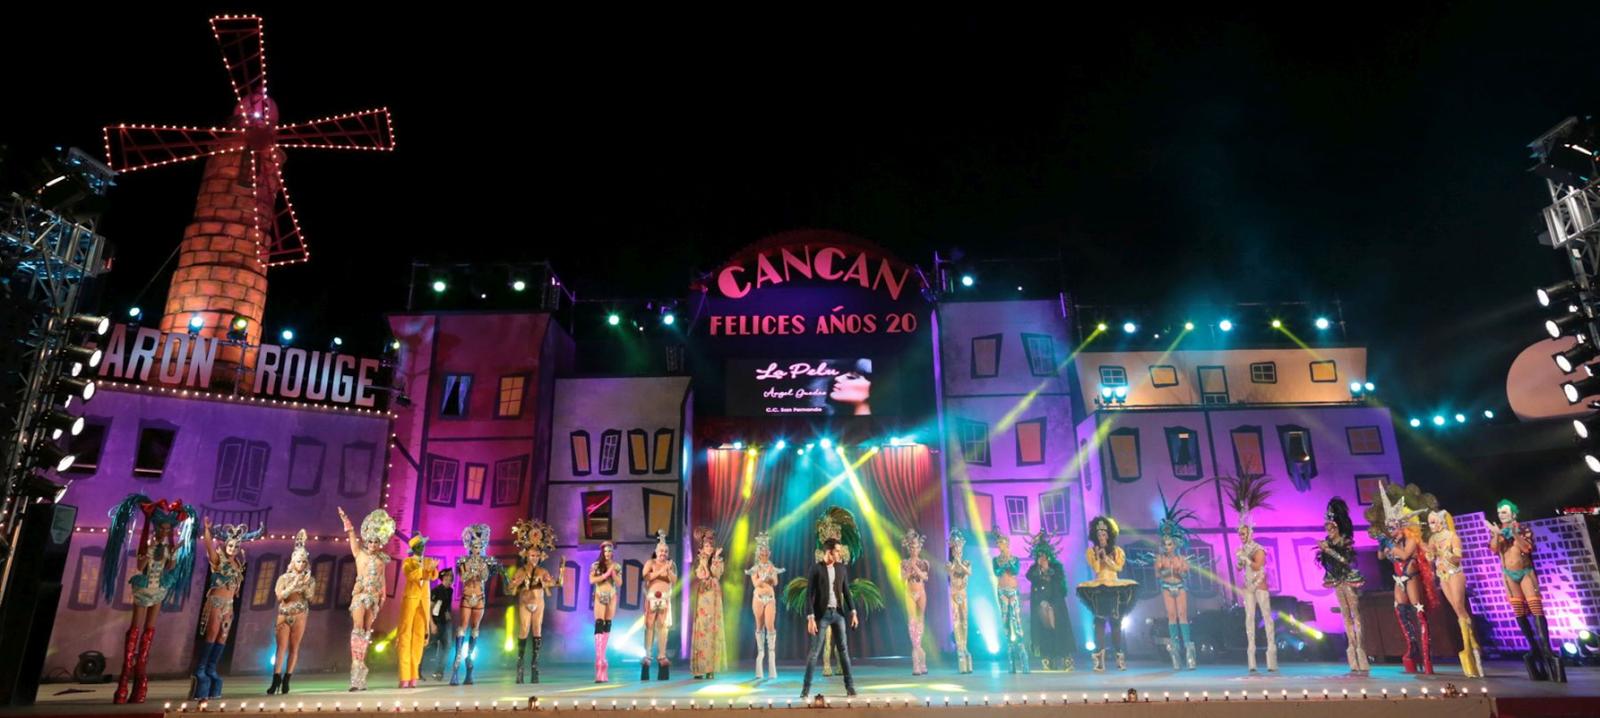 14 finalistas para la gala drag queen carnaval de maspalomas 2015 - Gran canaria tv com ...